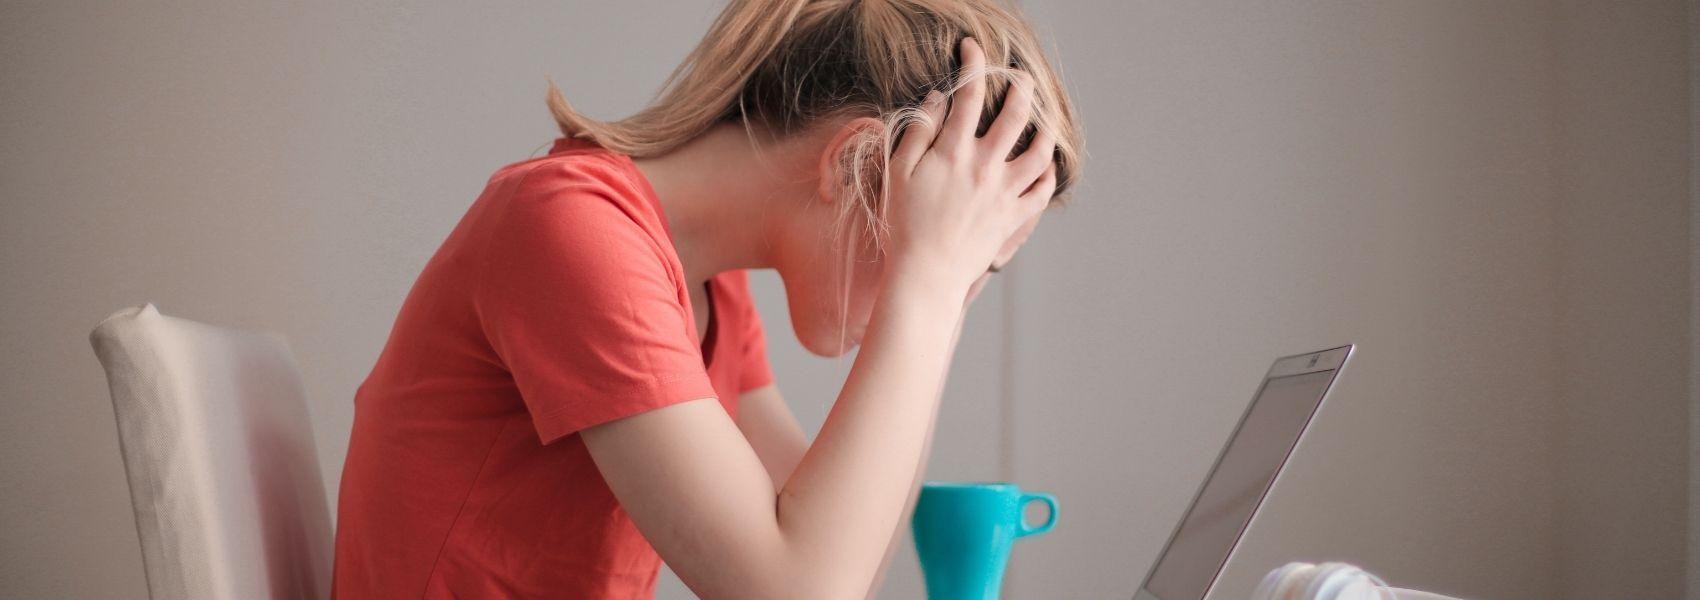 Apesar dos benefícios, viver sem stress pode prejudicar a função cognitiva